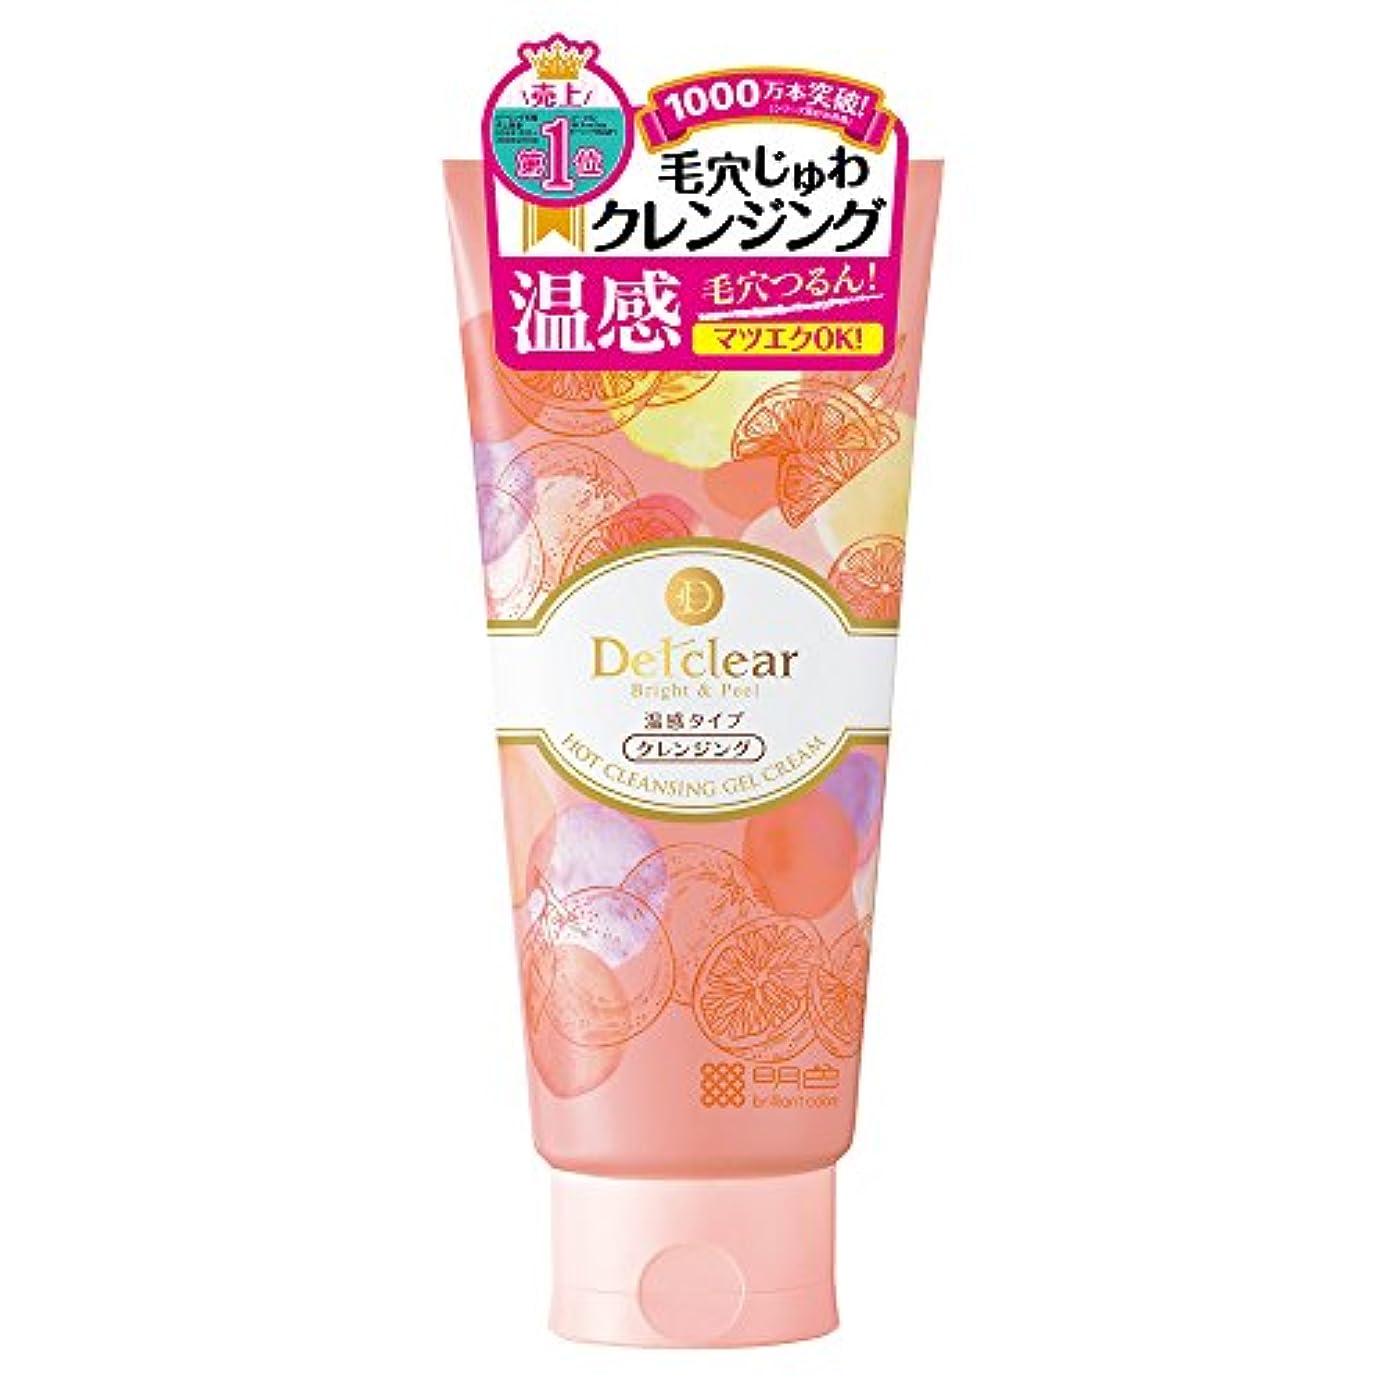 セラー抜本的なアジテーションDETクリア ブライト&ピール ホットクレンジング ジェルクリーム 200g (日本製) ベルガモットオレンジの香り